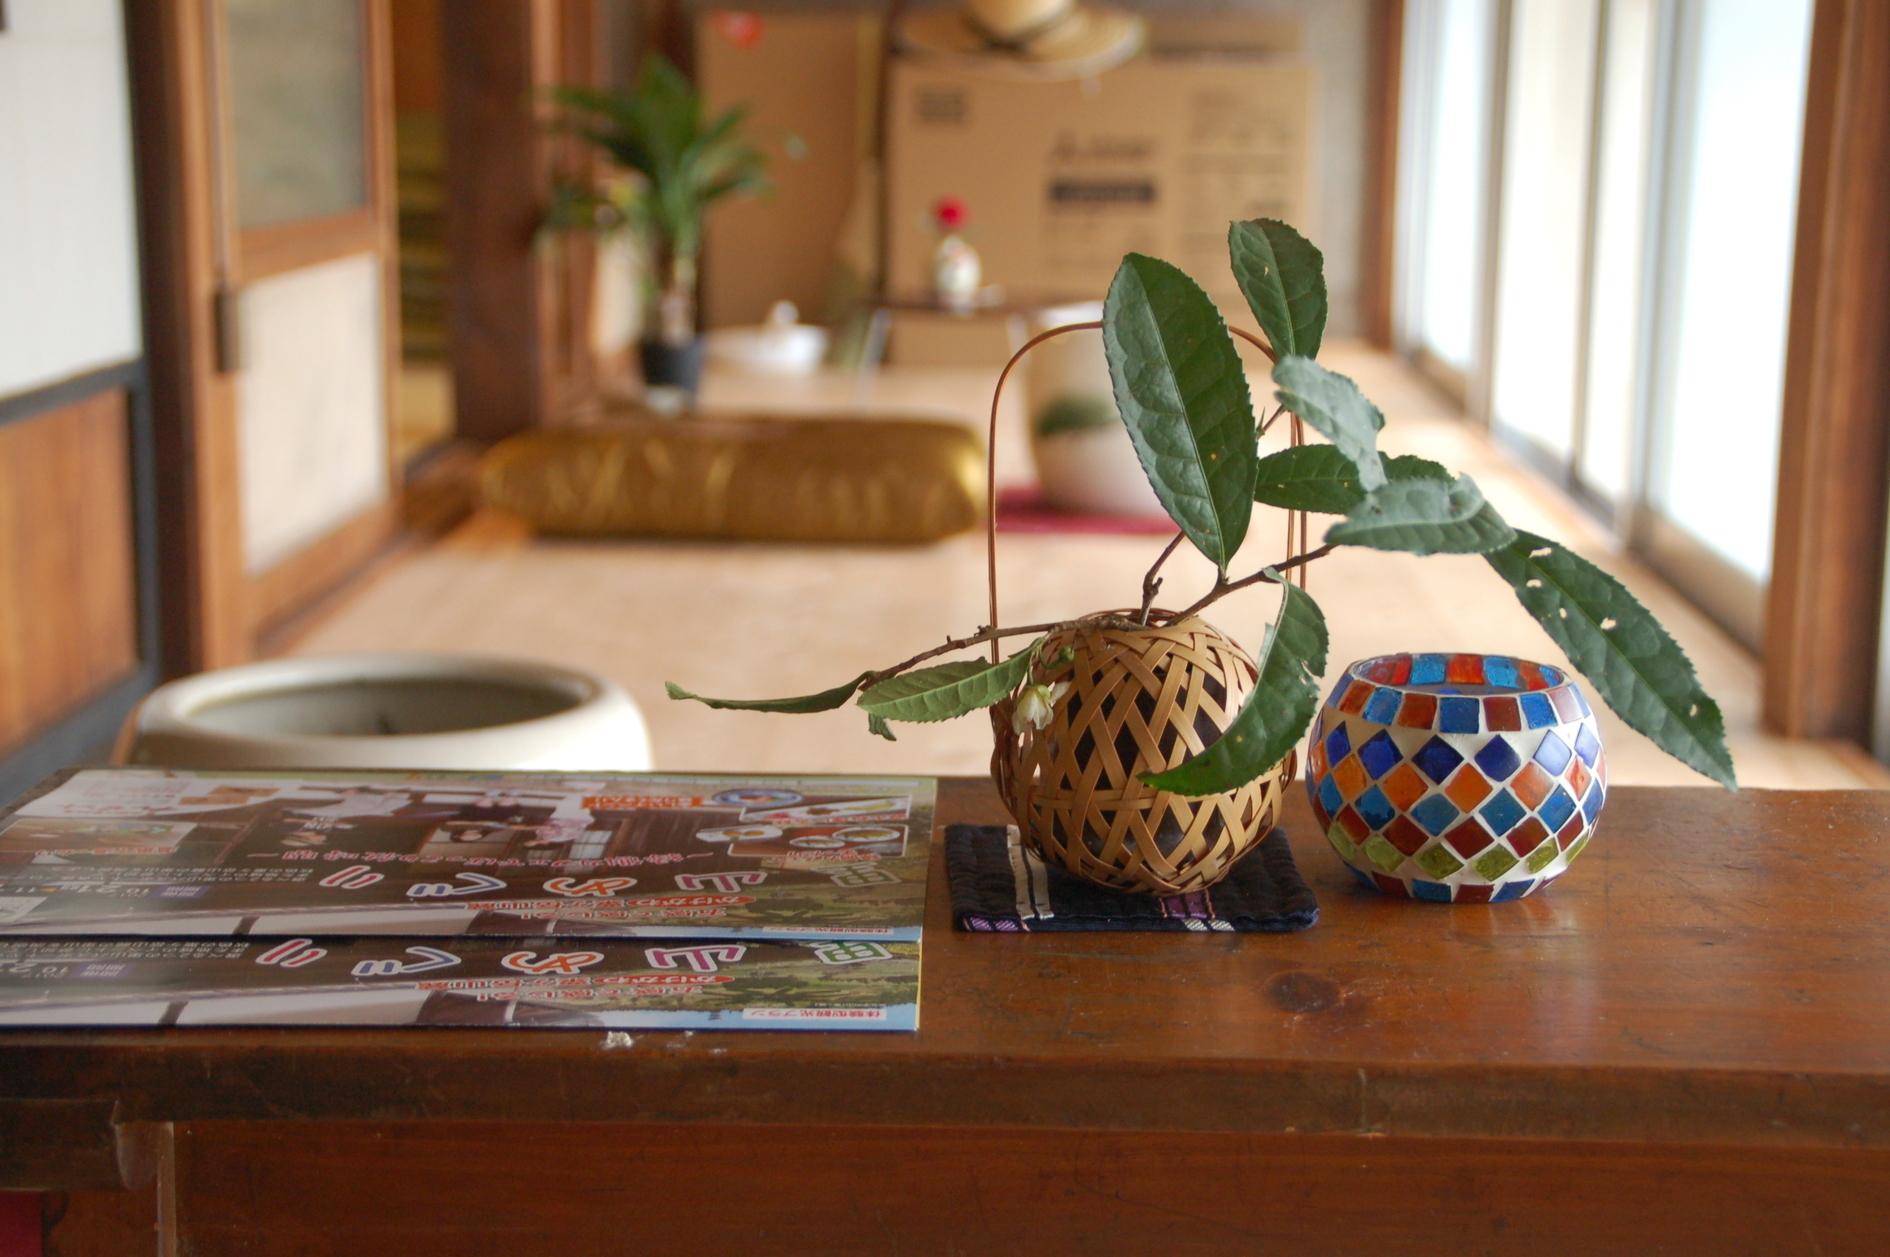 元お茶農家さん家! 築67年の昭和な古民家宿(古民家宿 旅ノ舎 traditional house's yado Tabinoya) の写真0